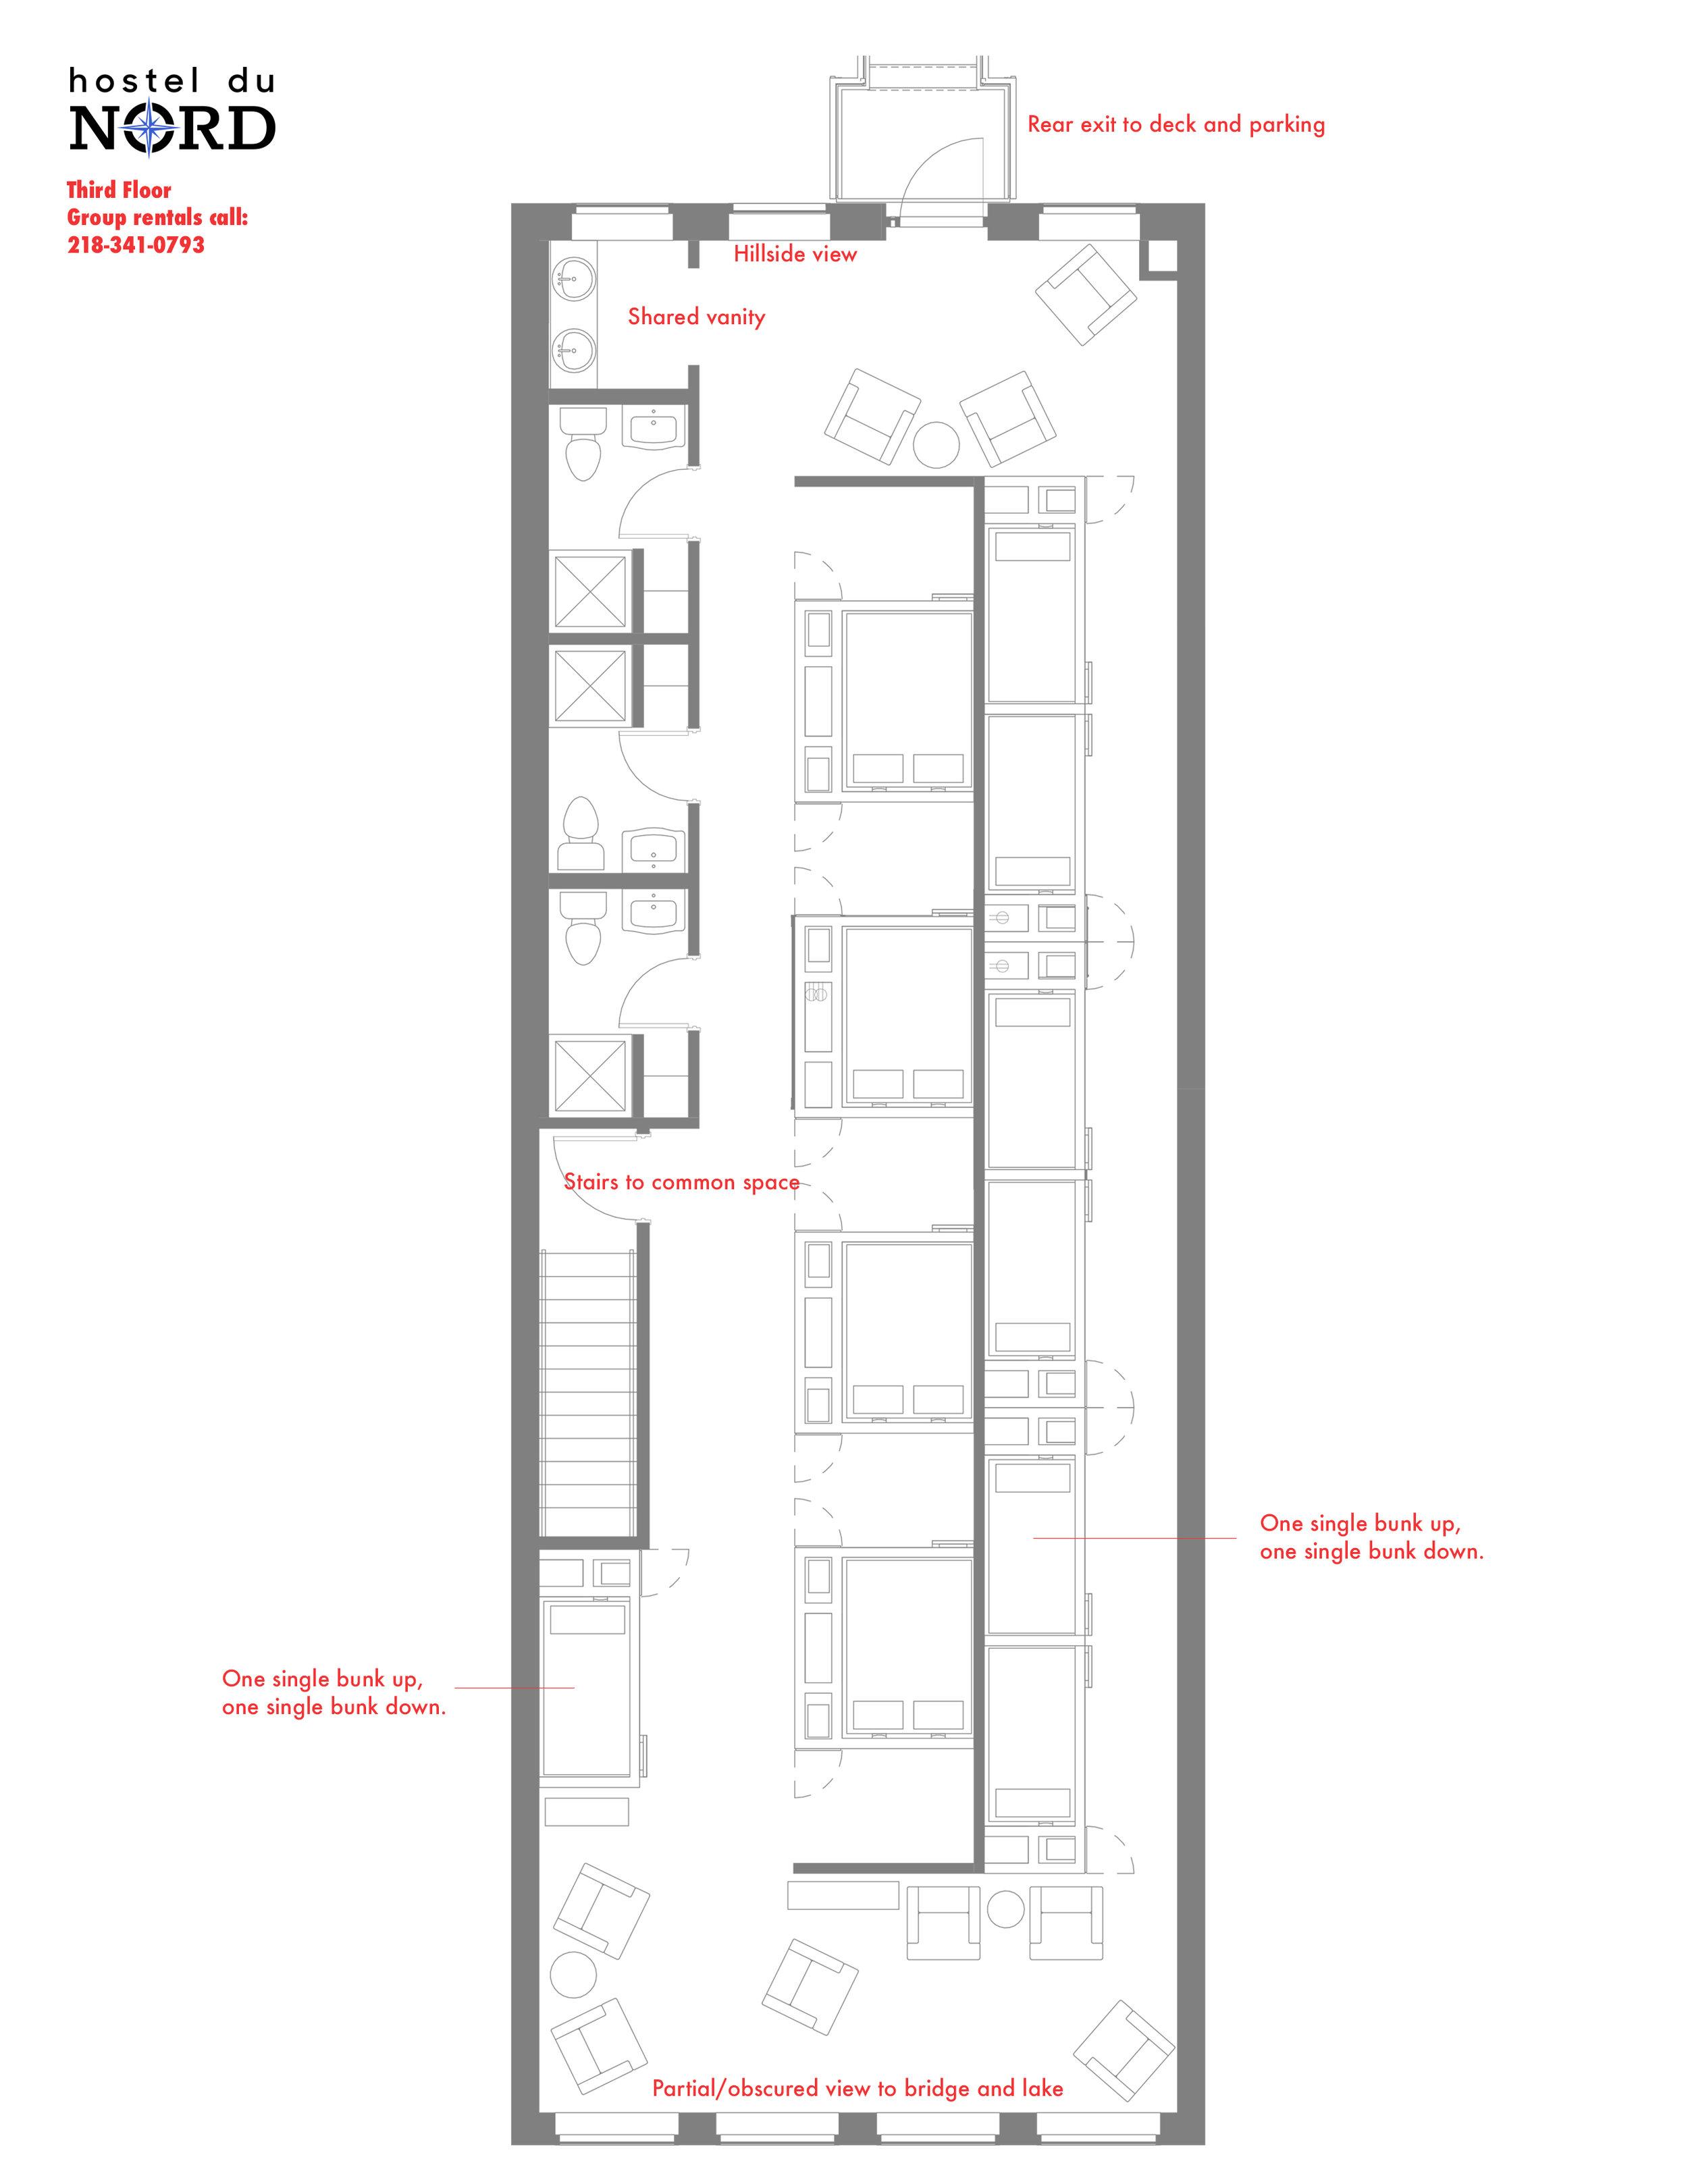 Click floor plan to enlarge.